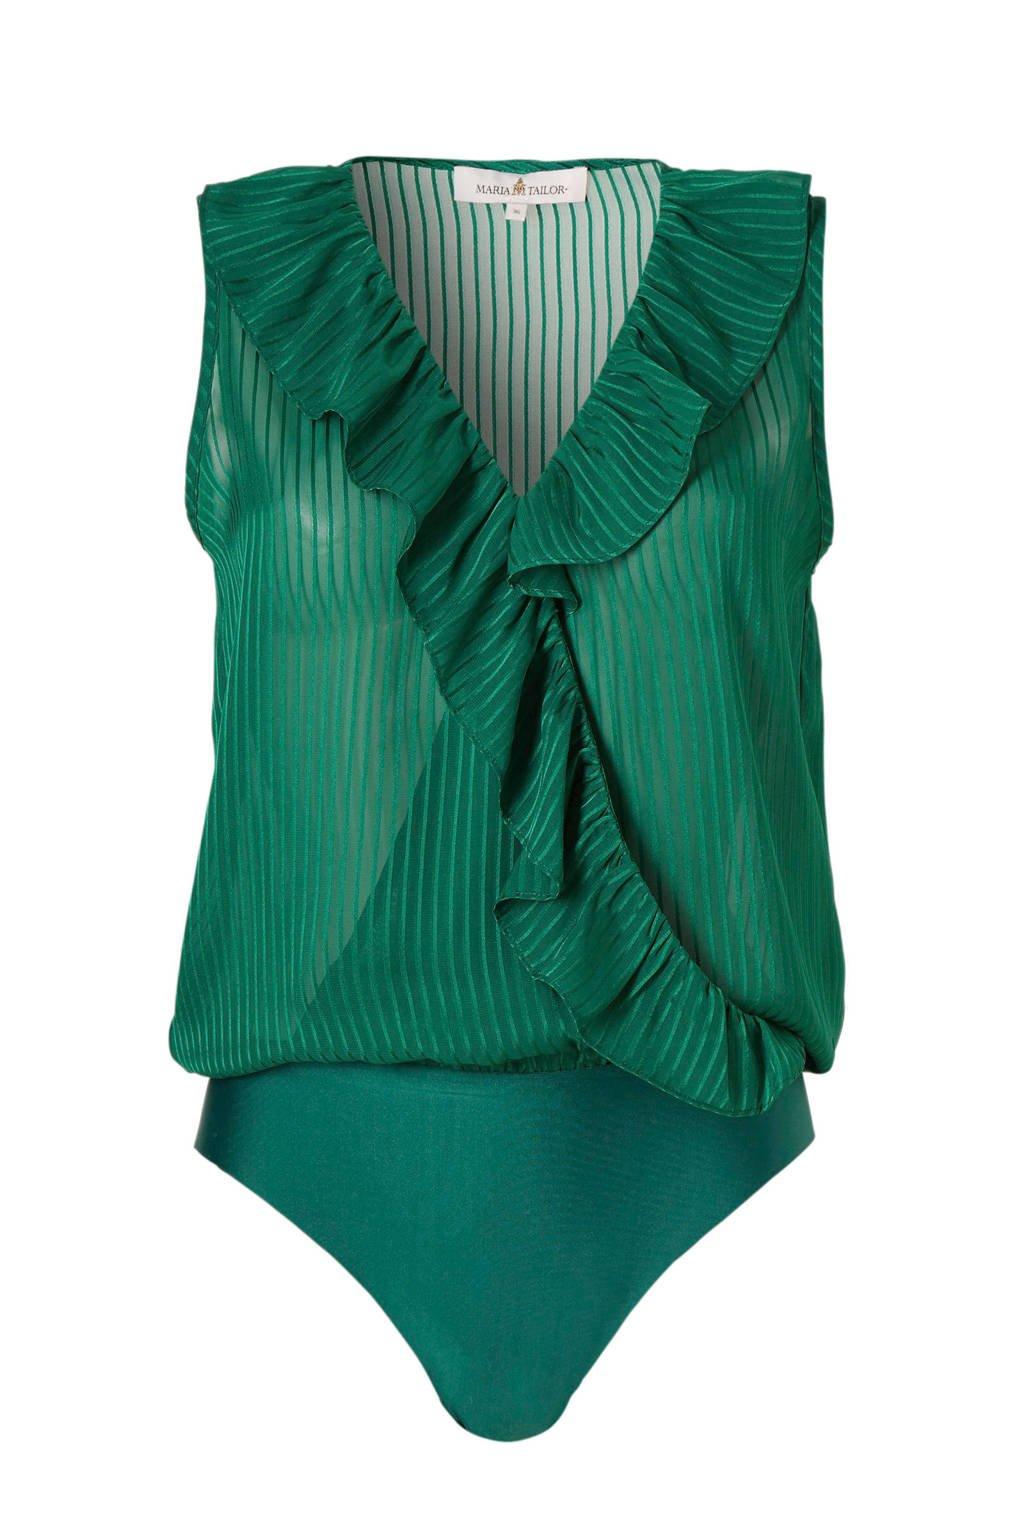 MARIA TAILOR body met volant groen, Groen